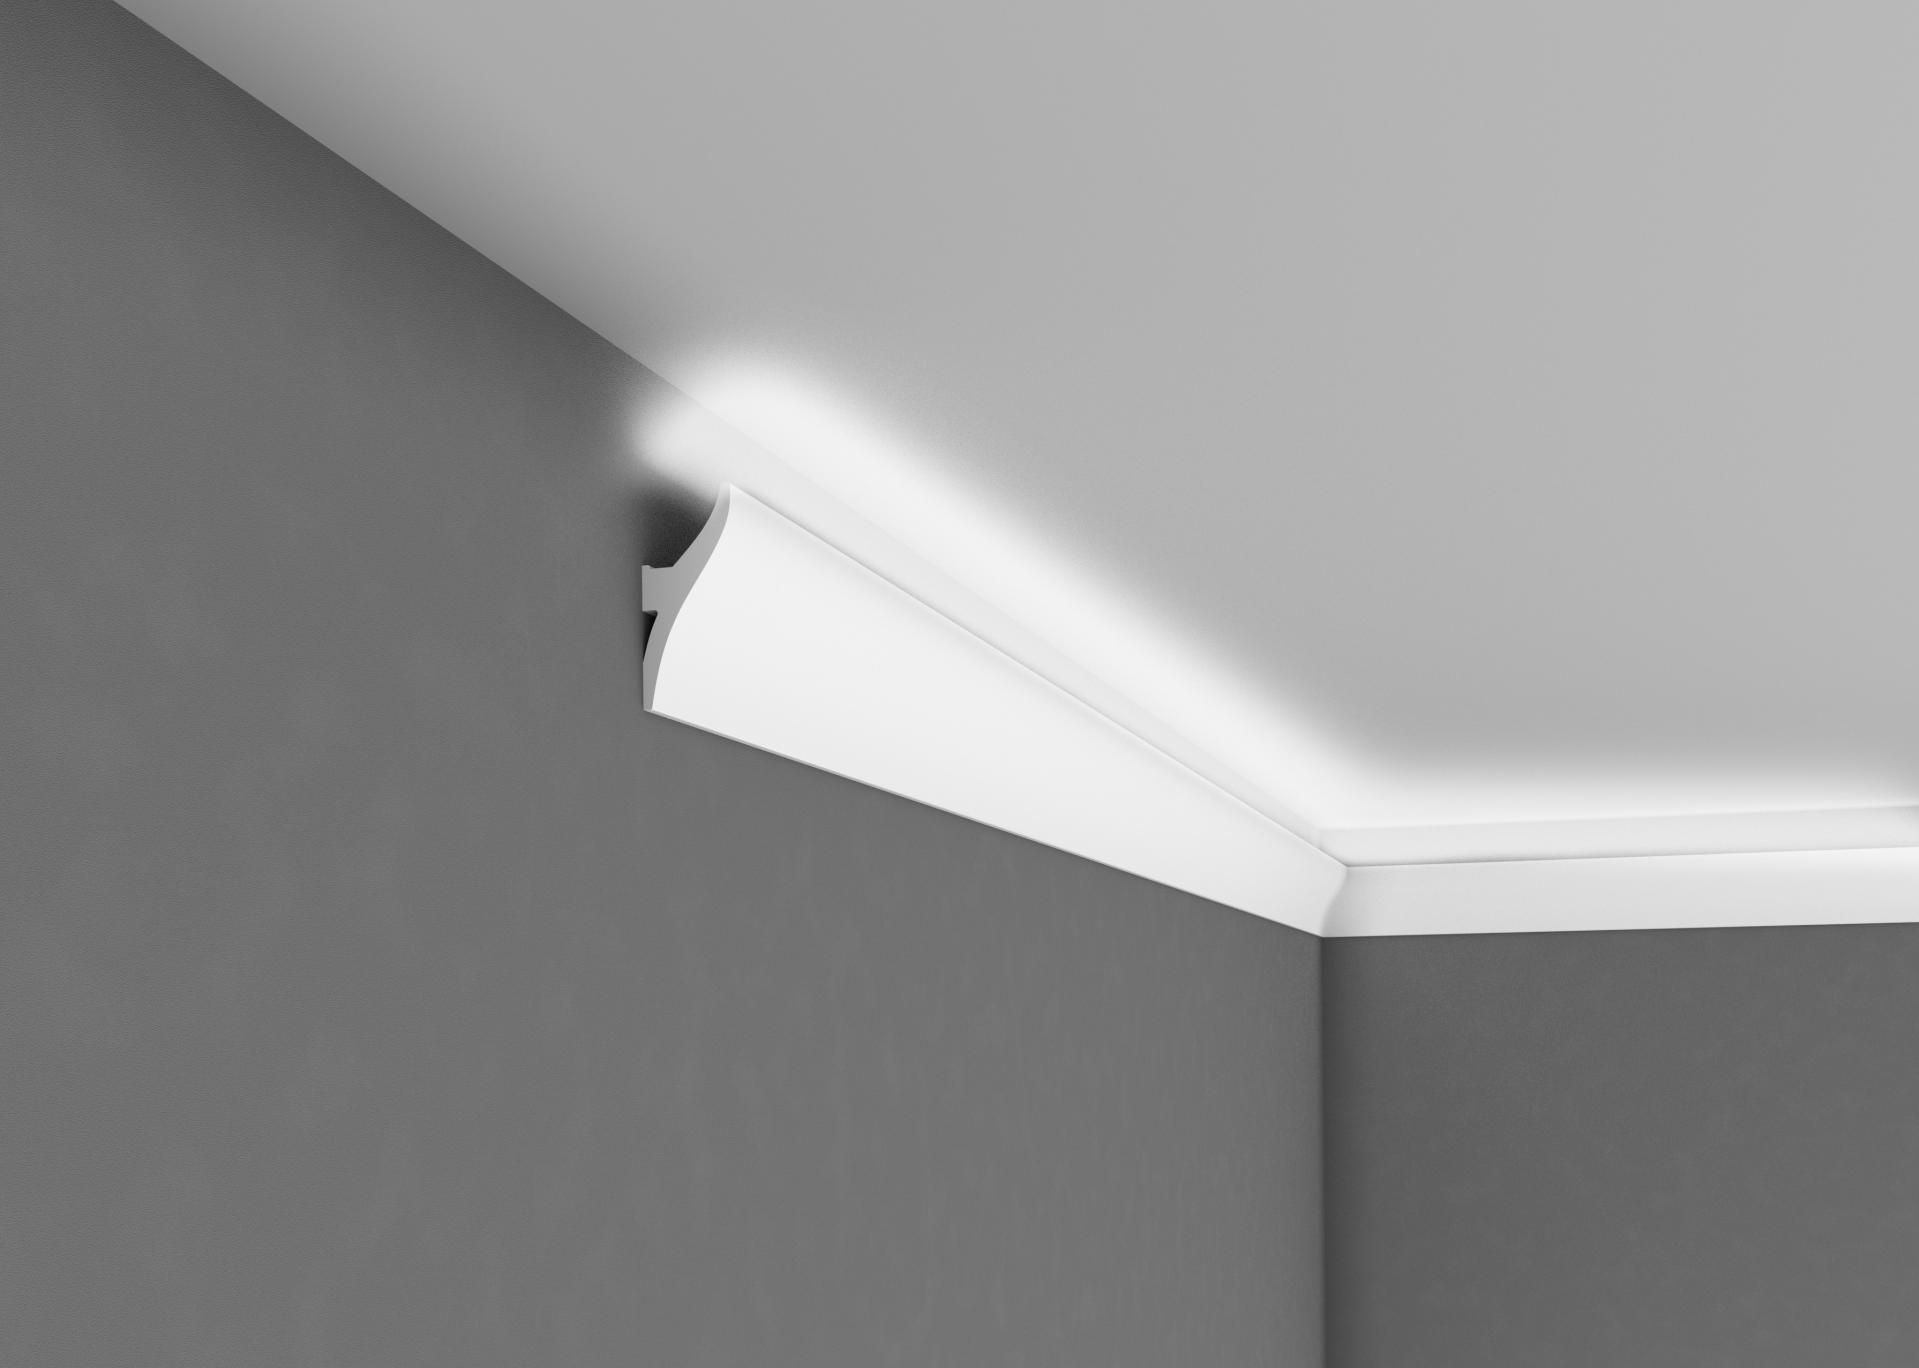 Corniche Polystyrène Pour Led corniche d'éclairage ql010 | eclairage led plafond